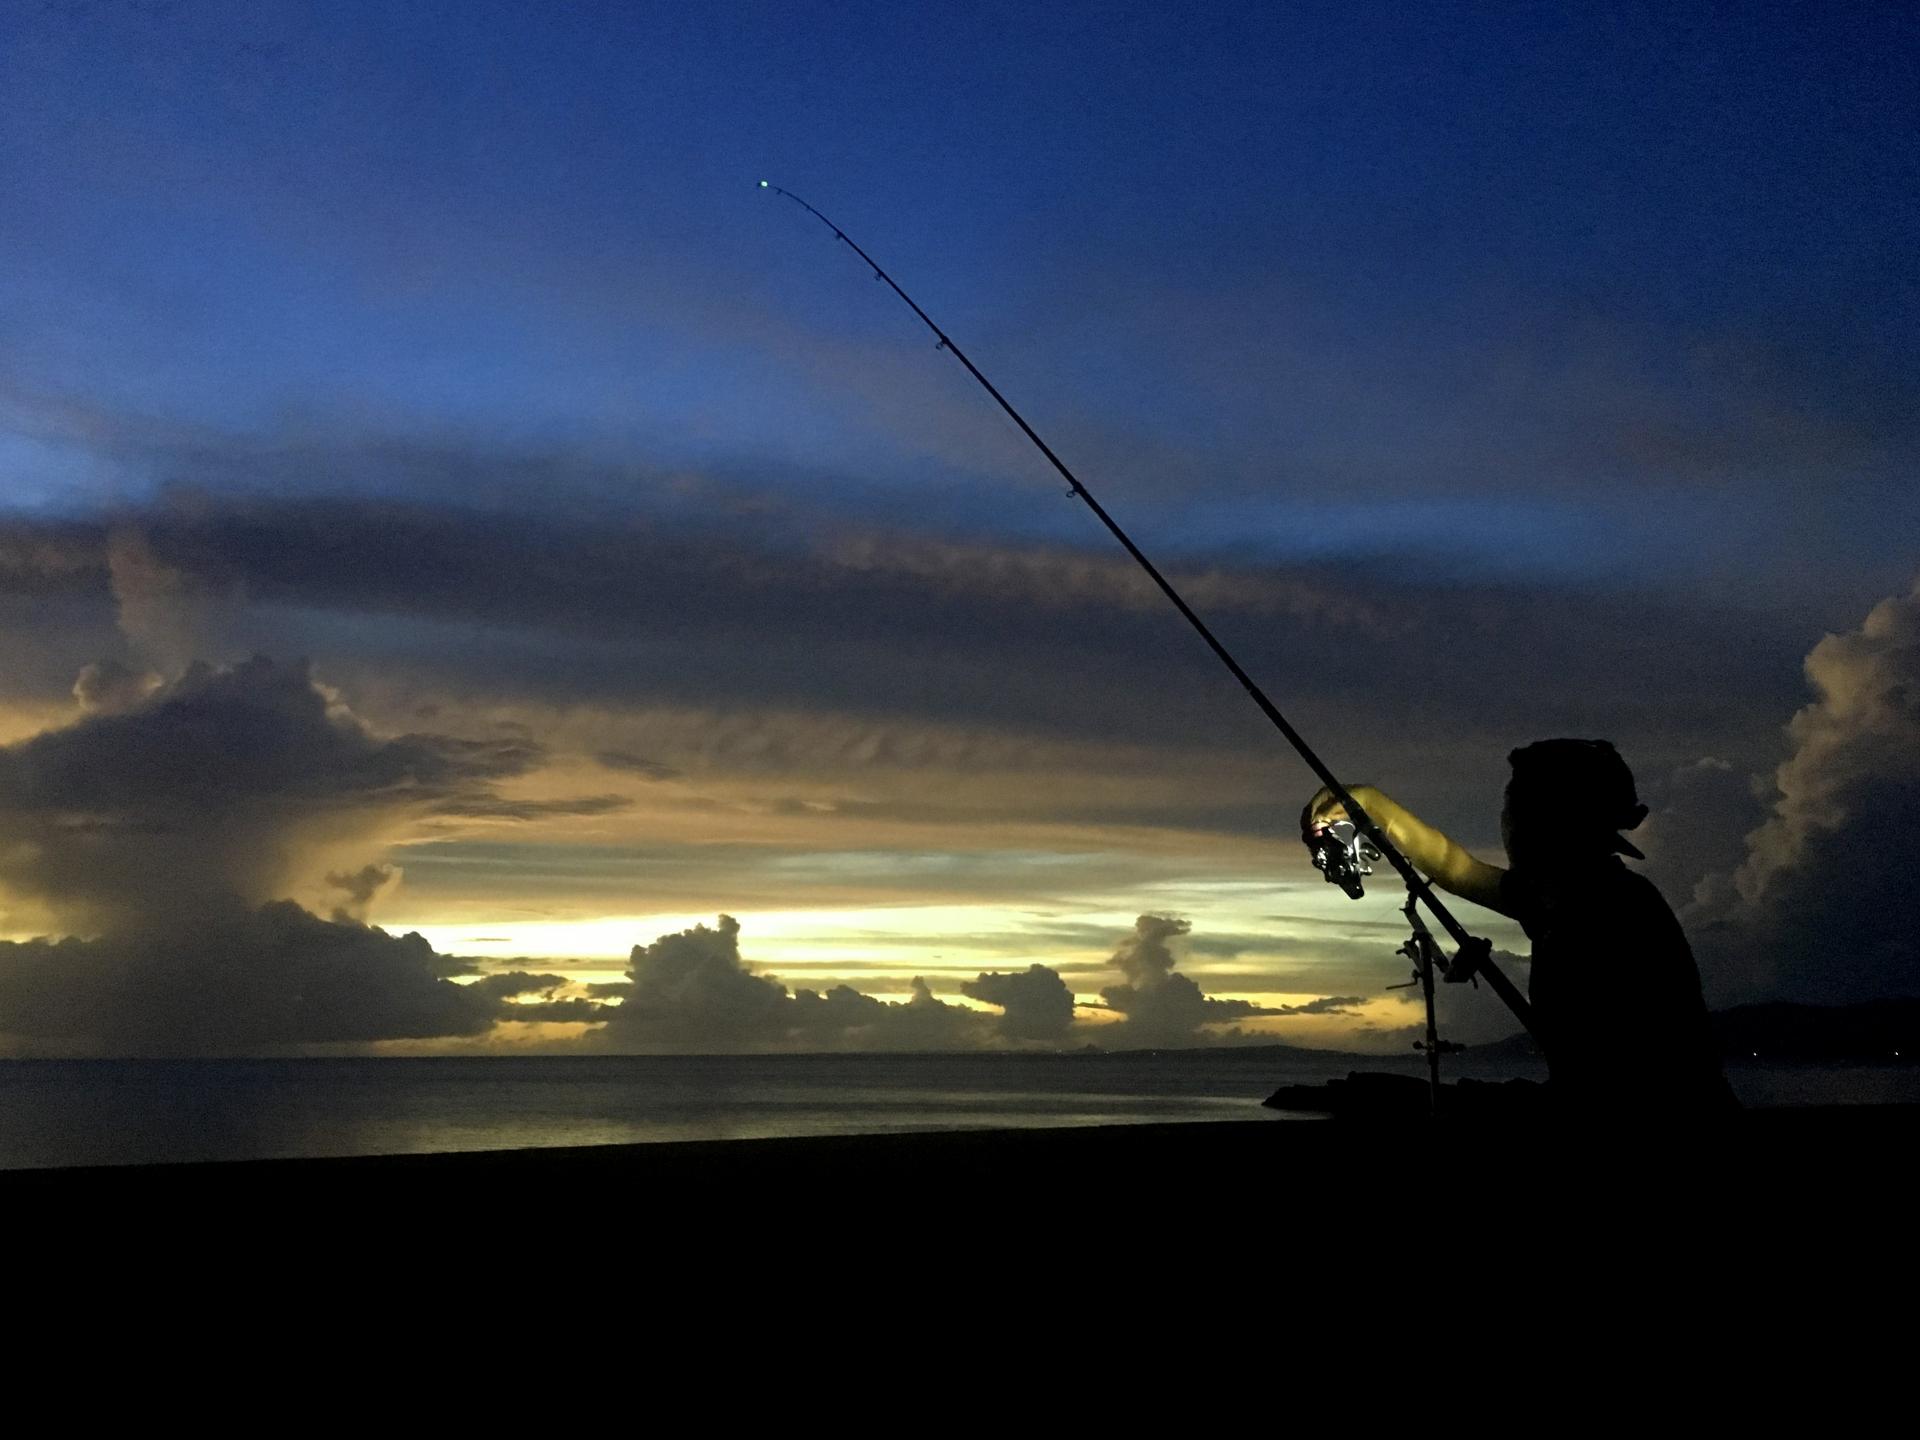 明け方の昇る朝日を見ながらの西表島釣りツアー